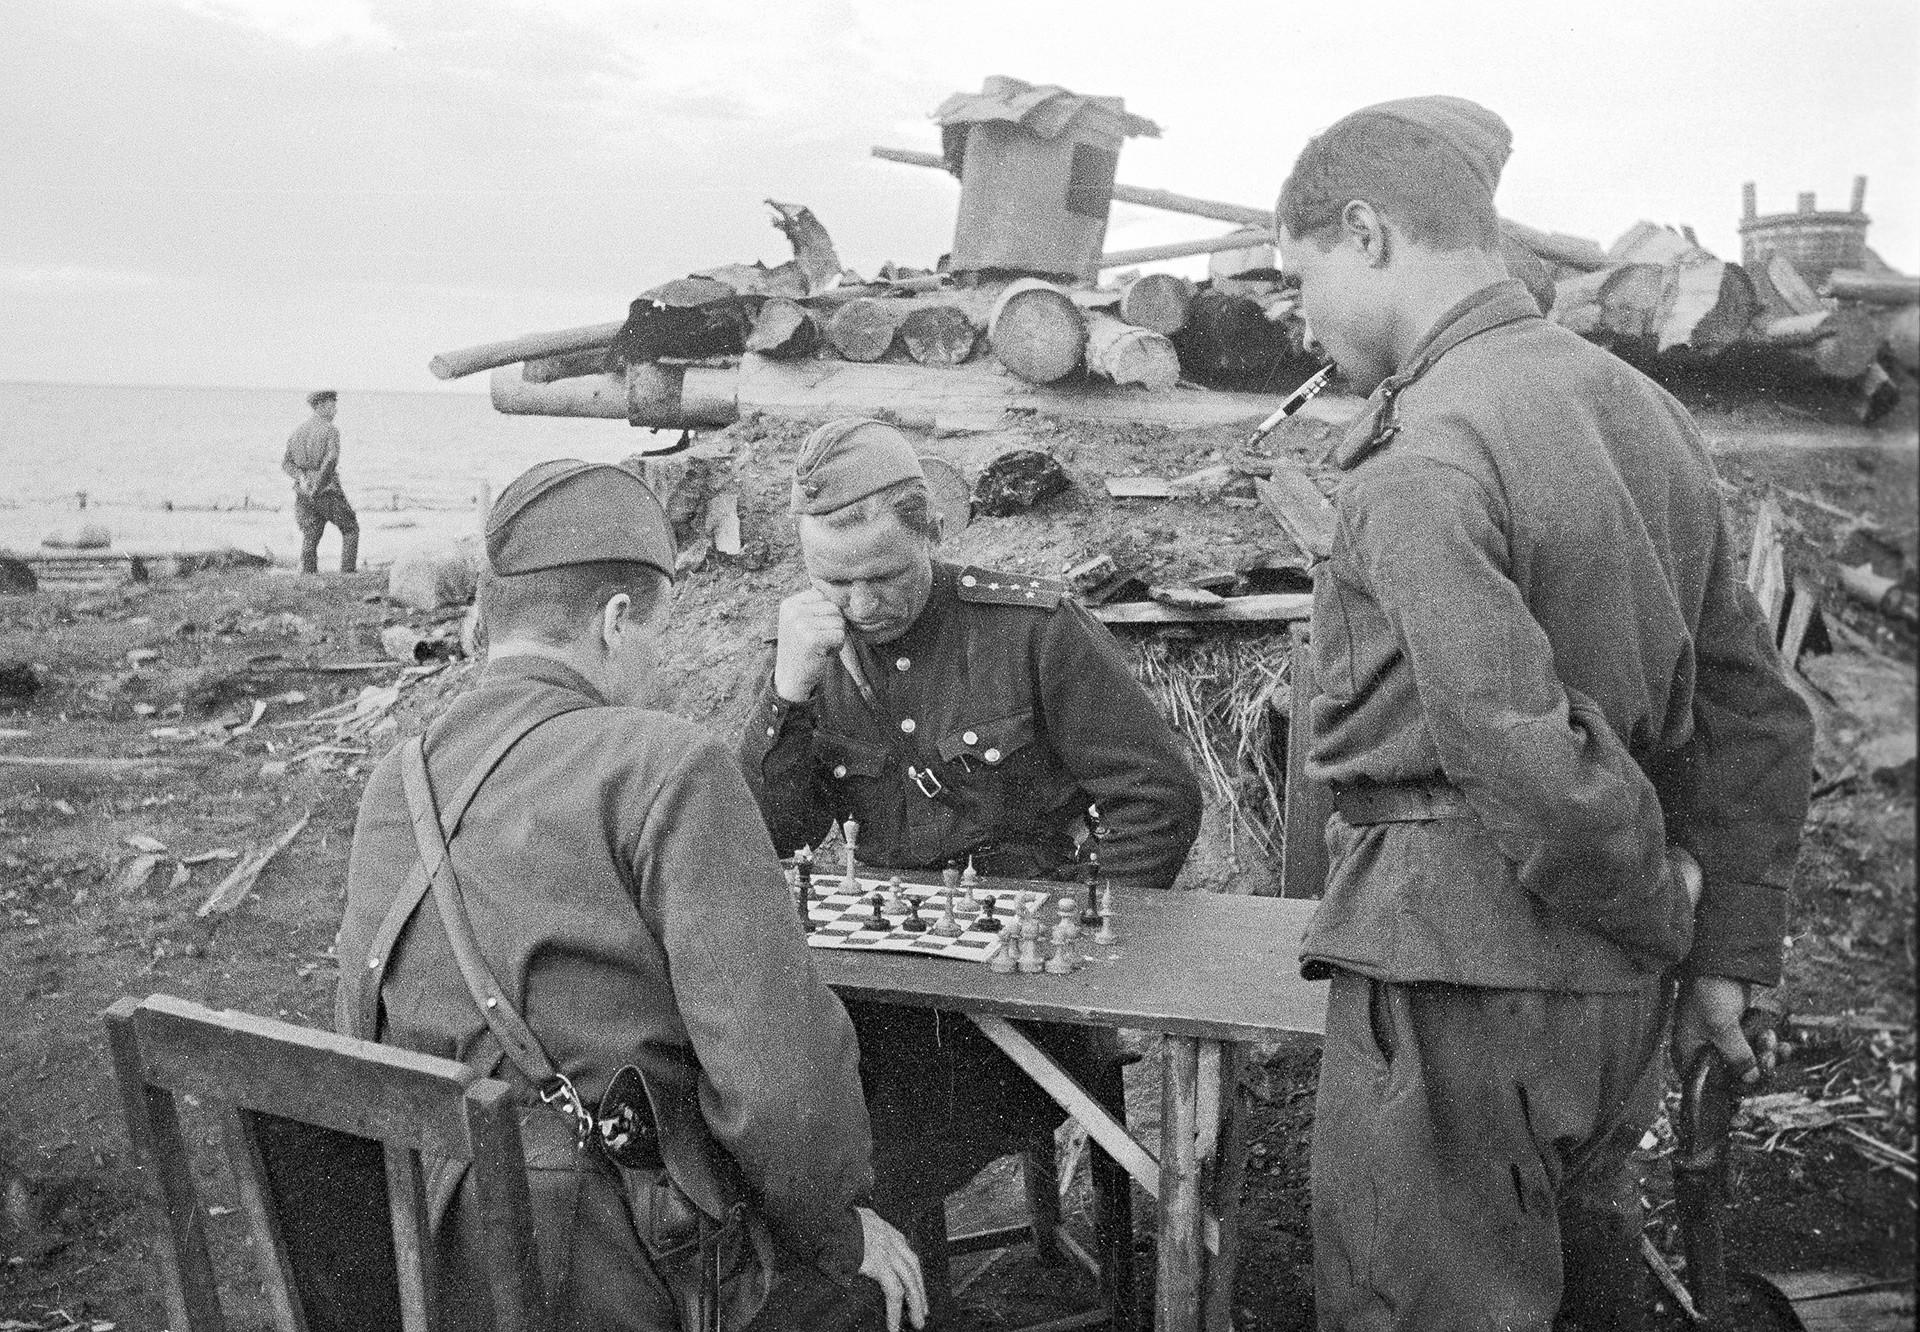 Партија шаха на обали језера Иљмењ, 1943.